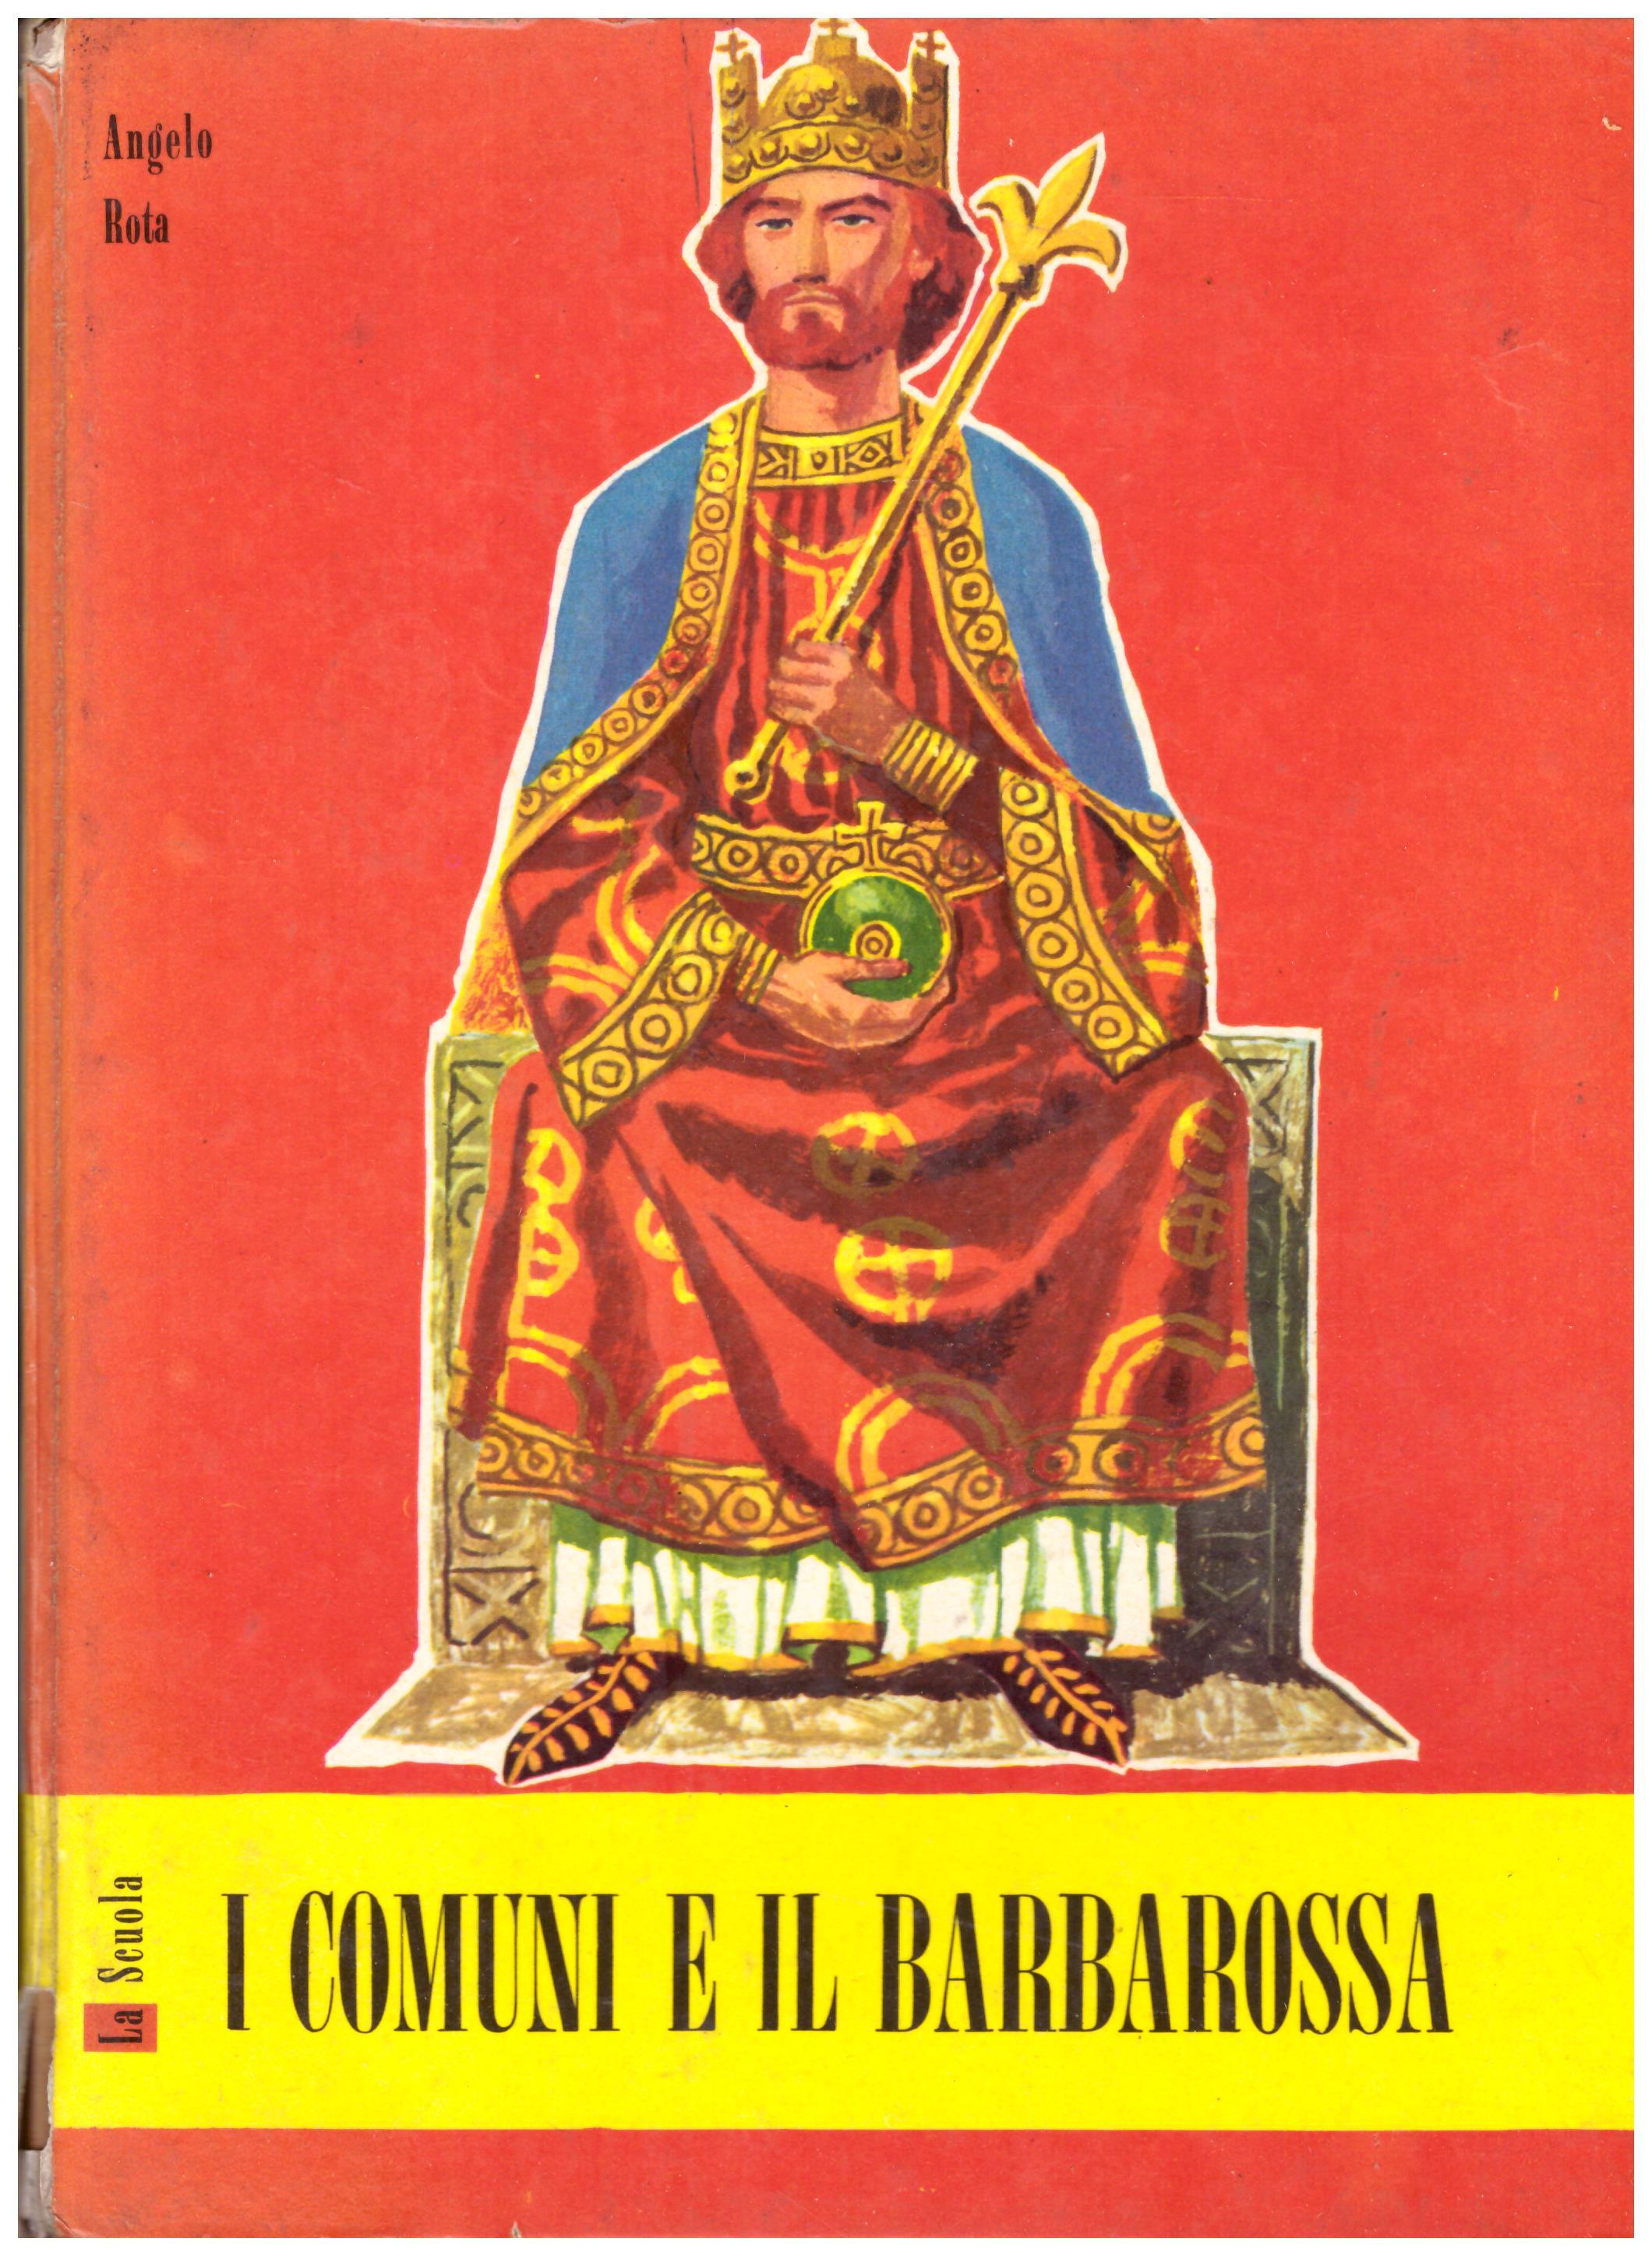 Titolo: I comuni e il Barbarossa Autore: Angelo Rota Editore: La scuola, 1961